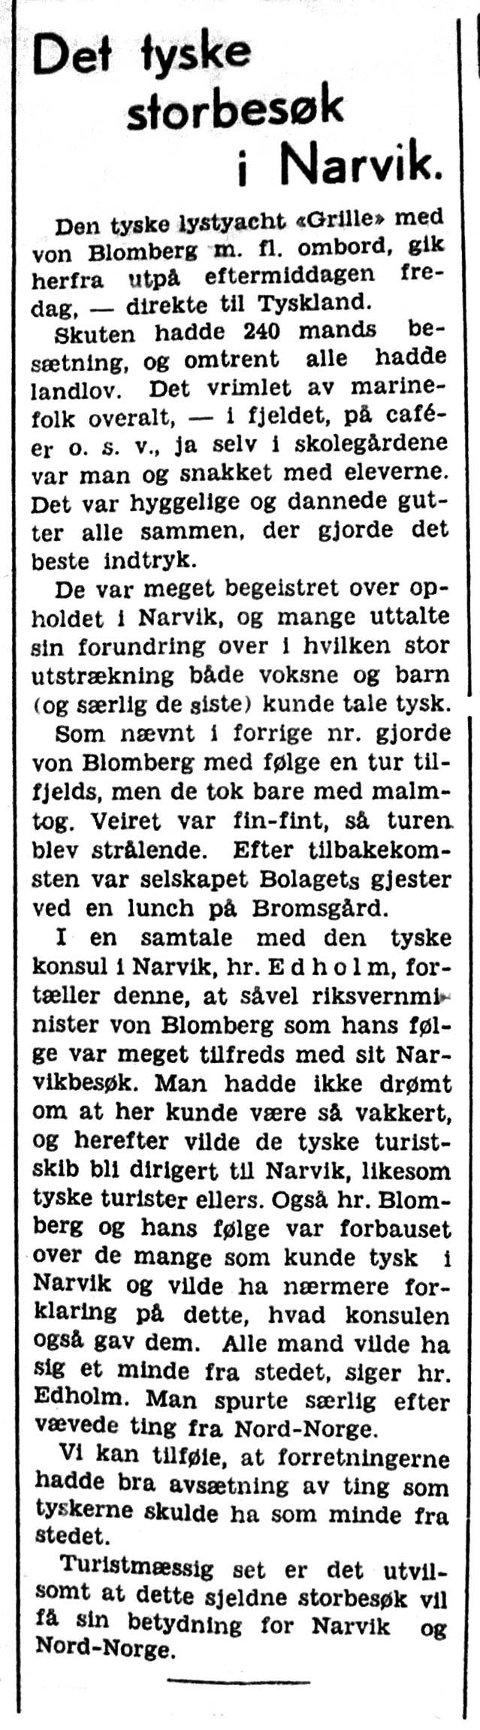 Ofotens Tidende 12 10 1936